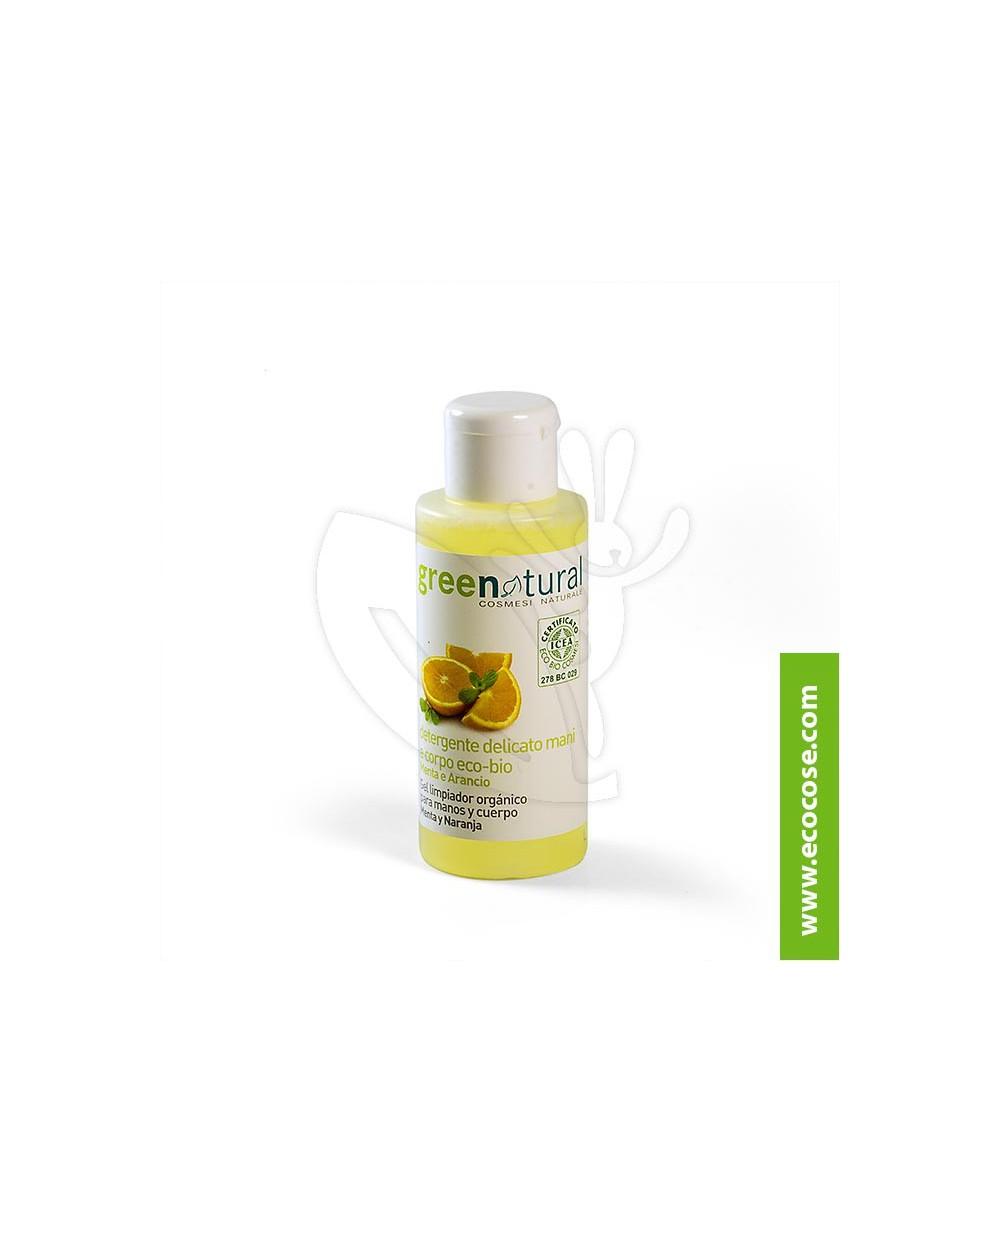 Greenatural - Detergente delicato Menta e Arancio 100 ml